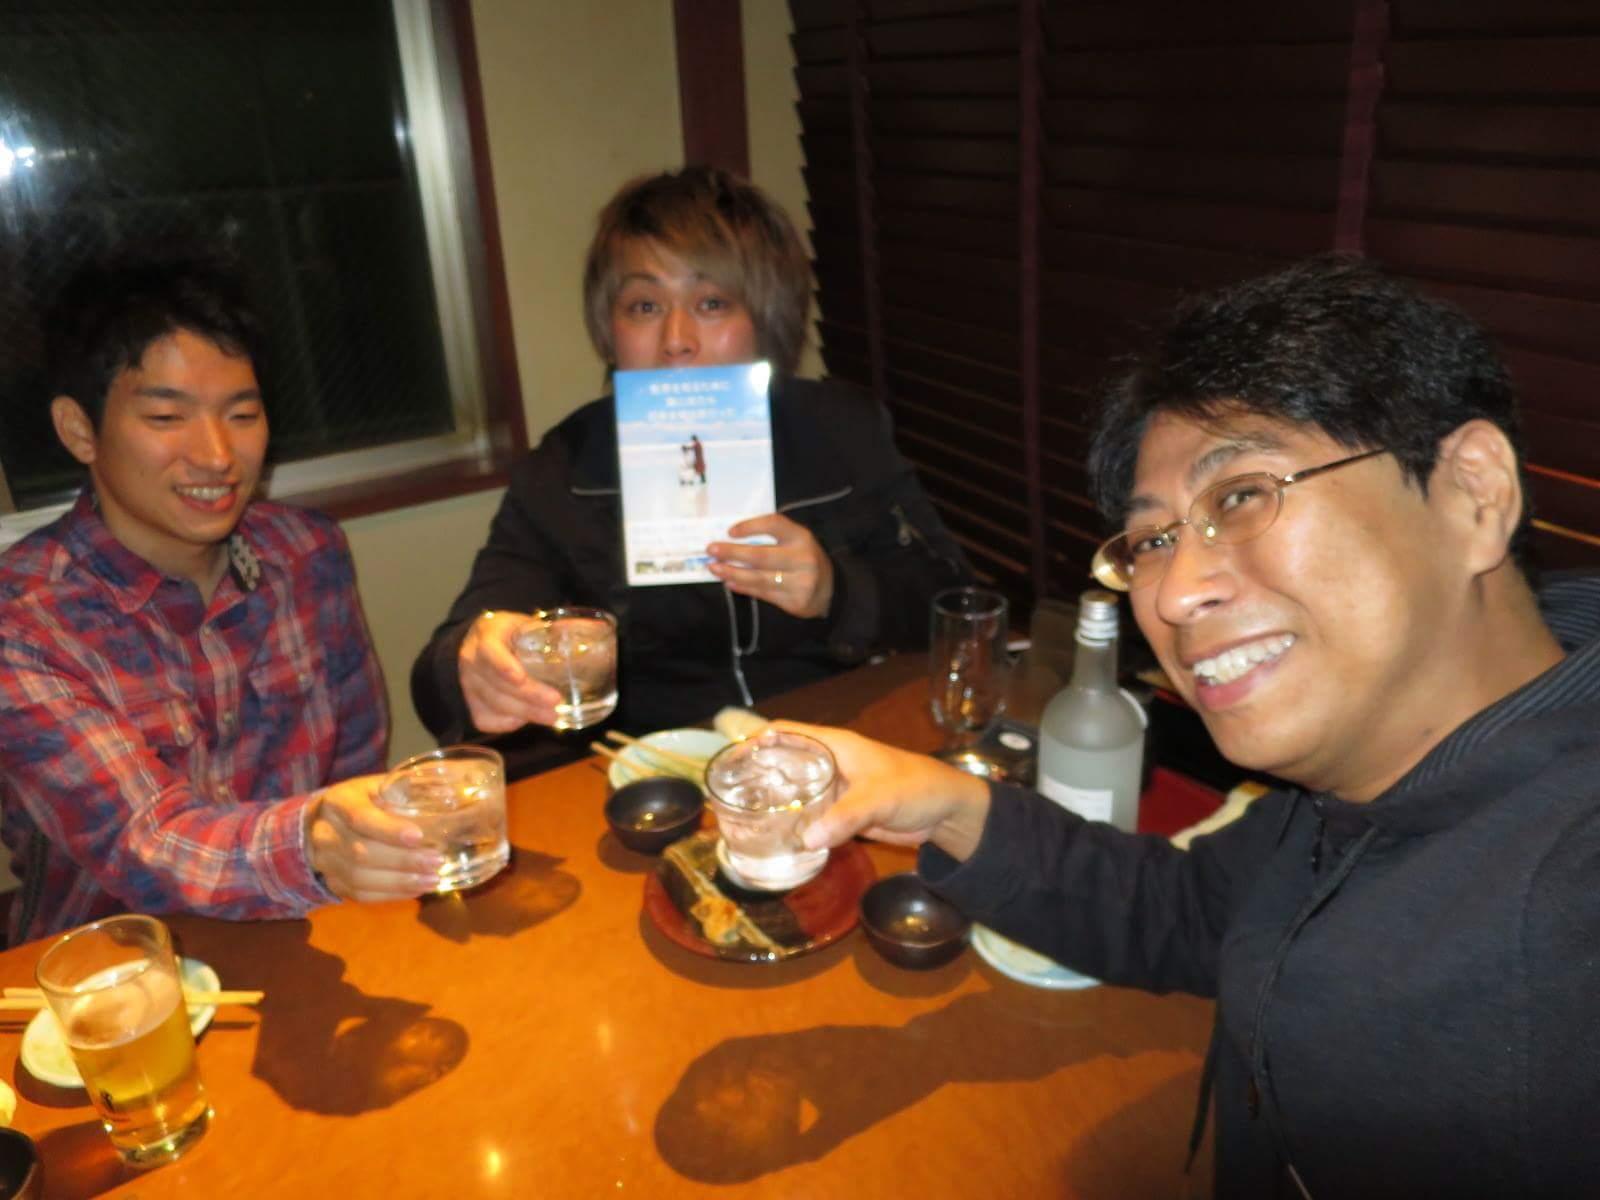 熊本の震災ボランティアで出会った方